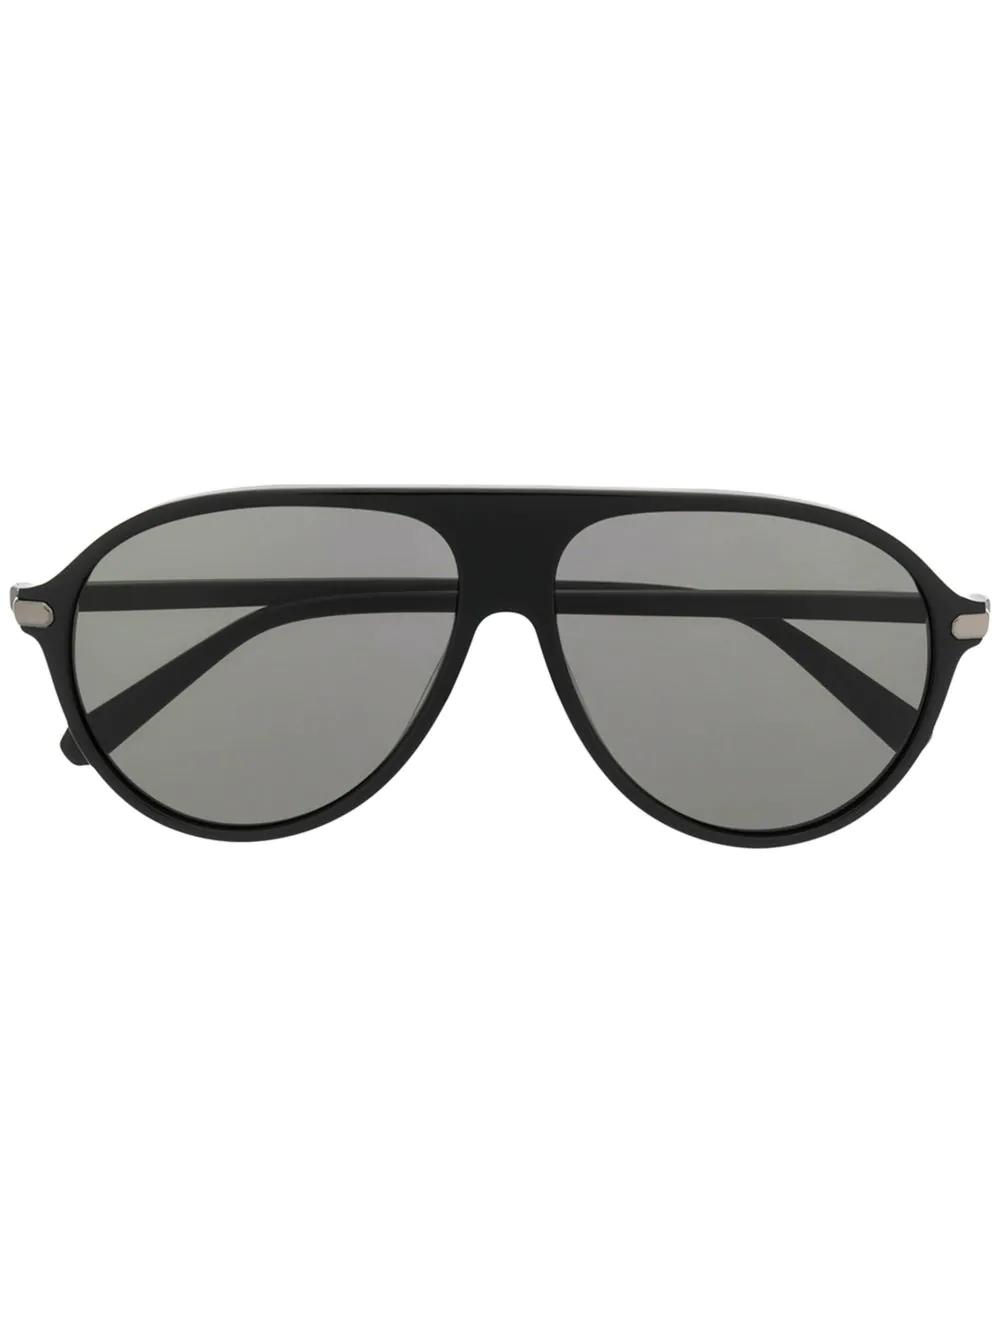 34a660462022 Brioni Aviator Sunglasses - Black   ModeSens